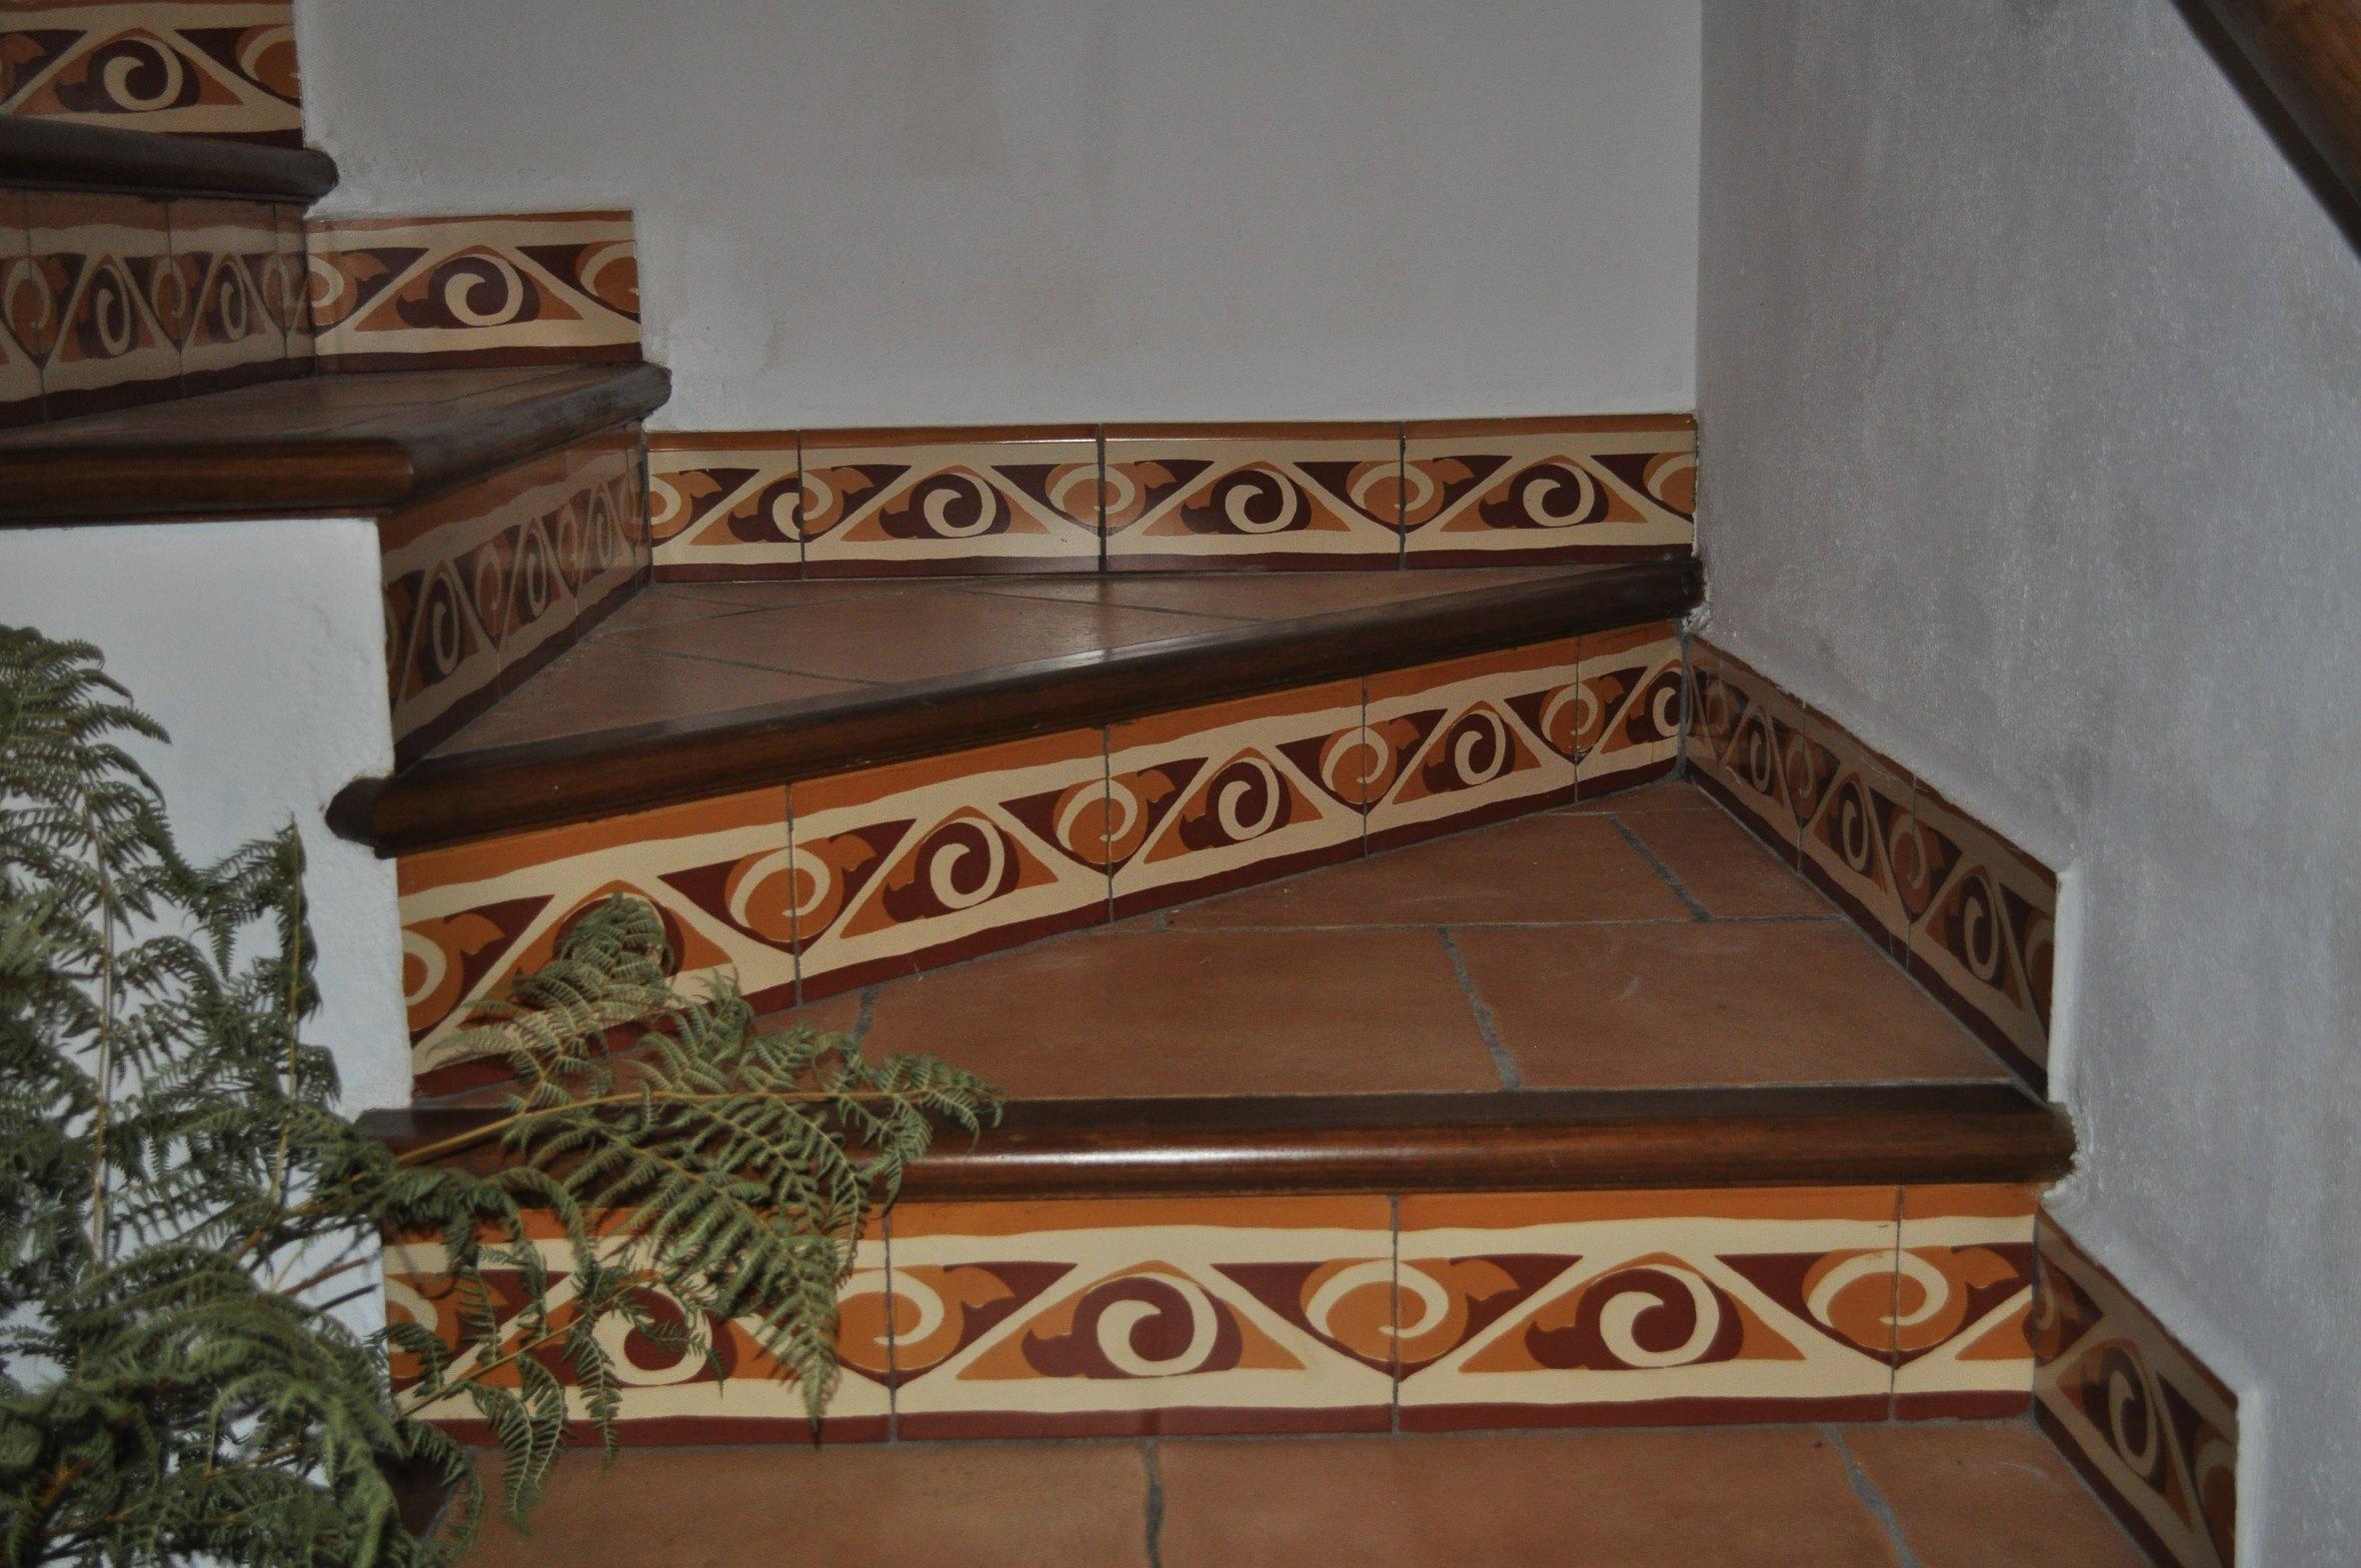 Escaleras cer mica c rcamo for Escaleras baldosas ceramica